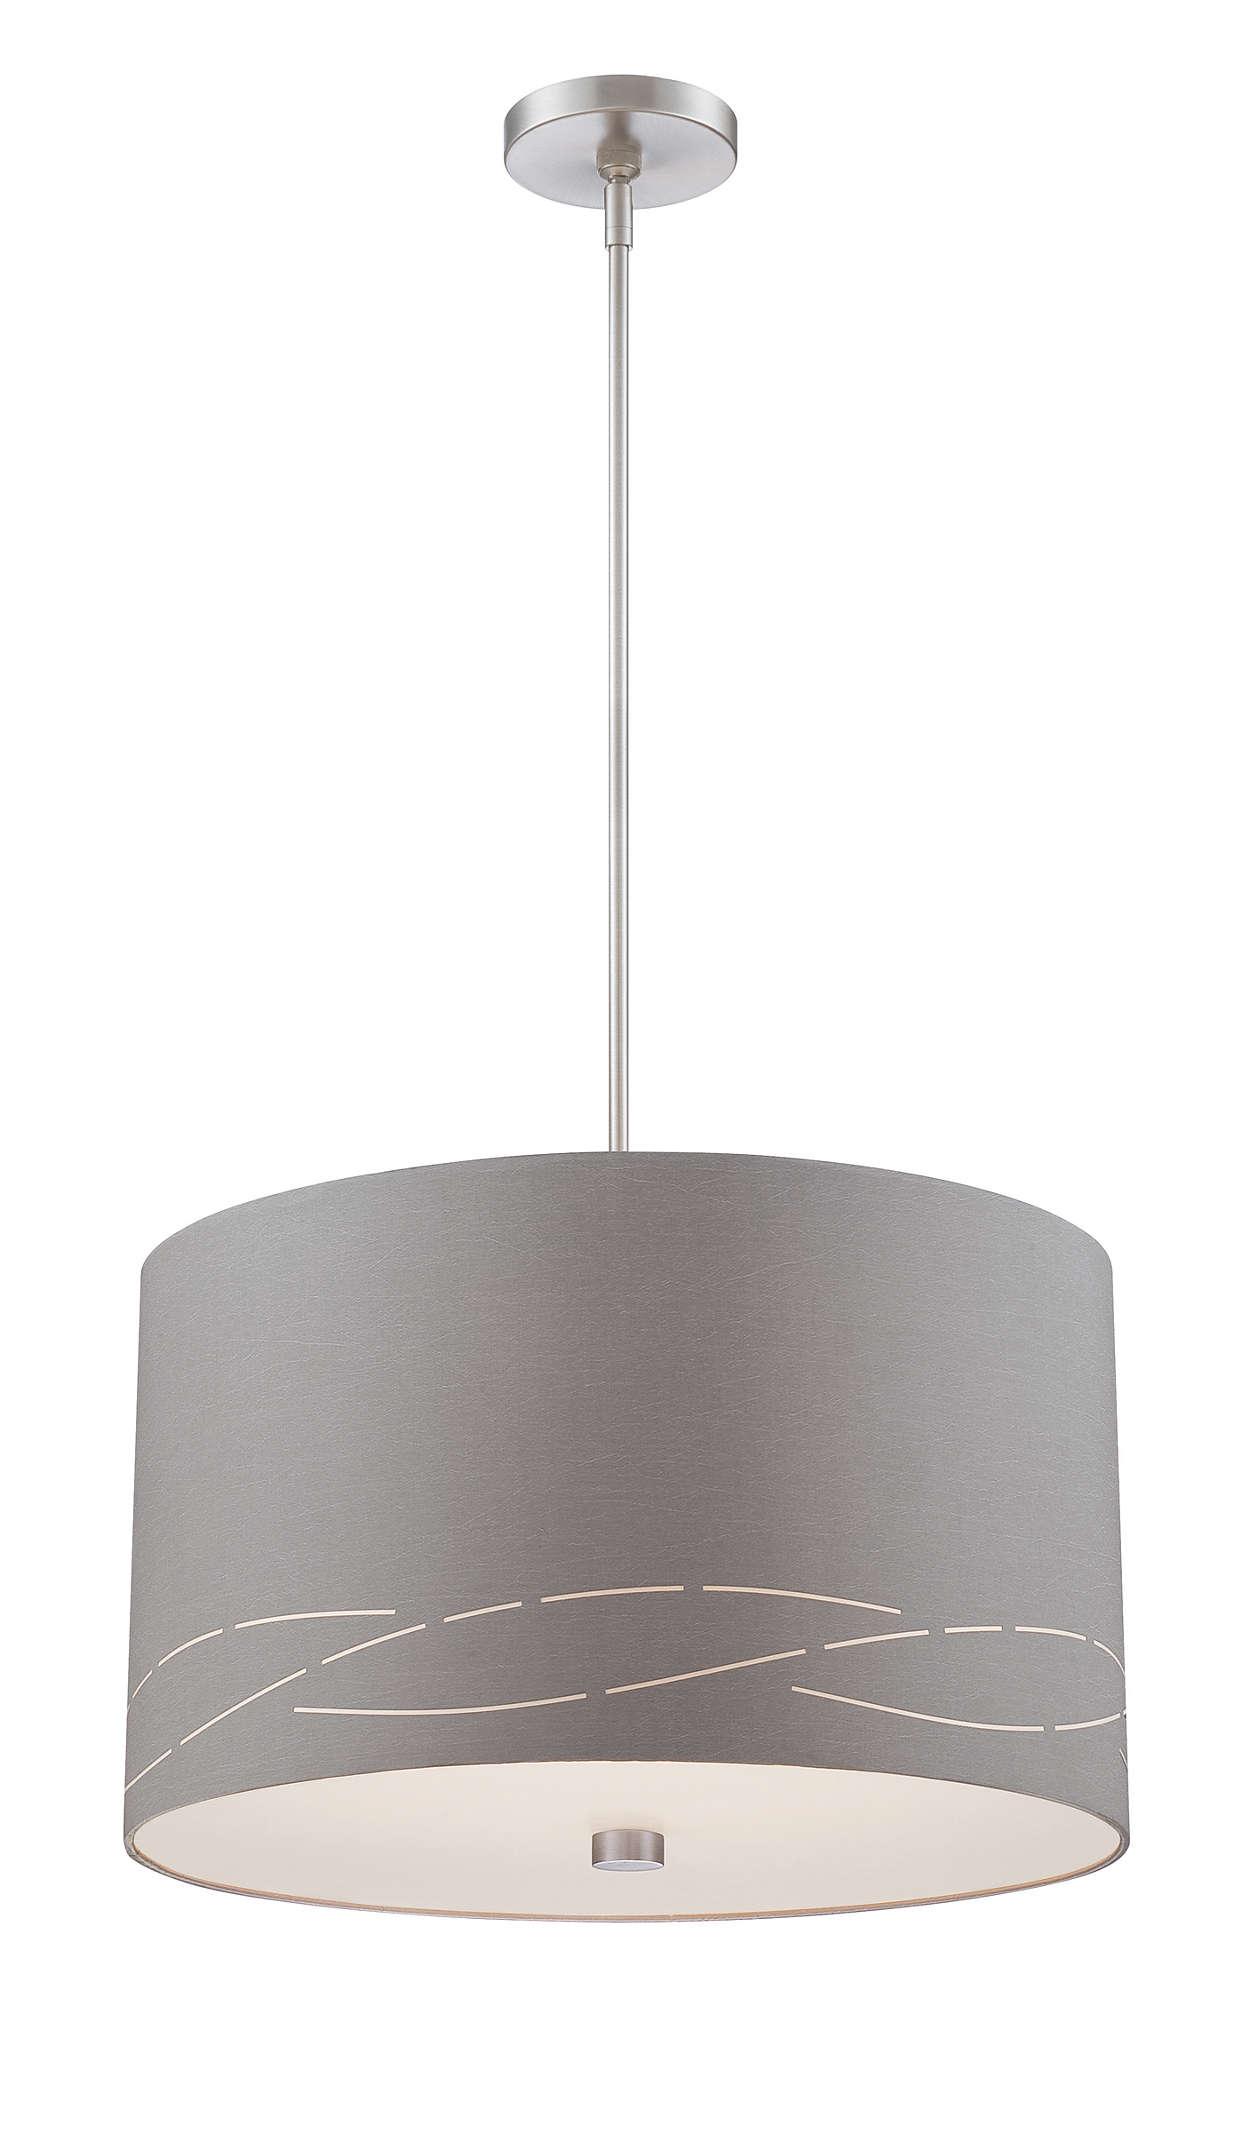 Silver Laser 3-light pendant, Satin Nickel finish